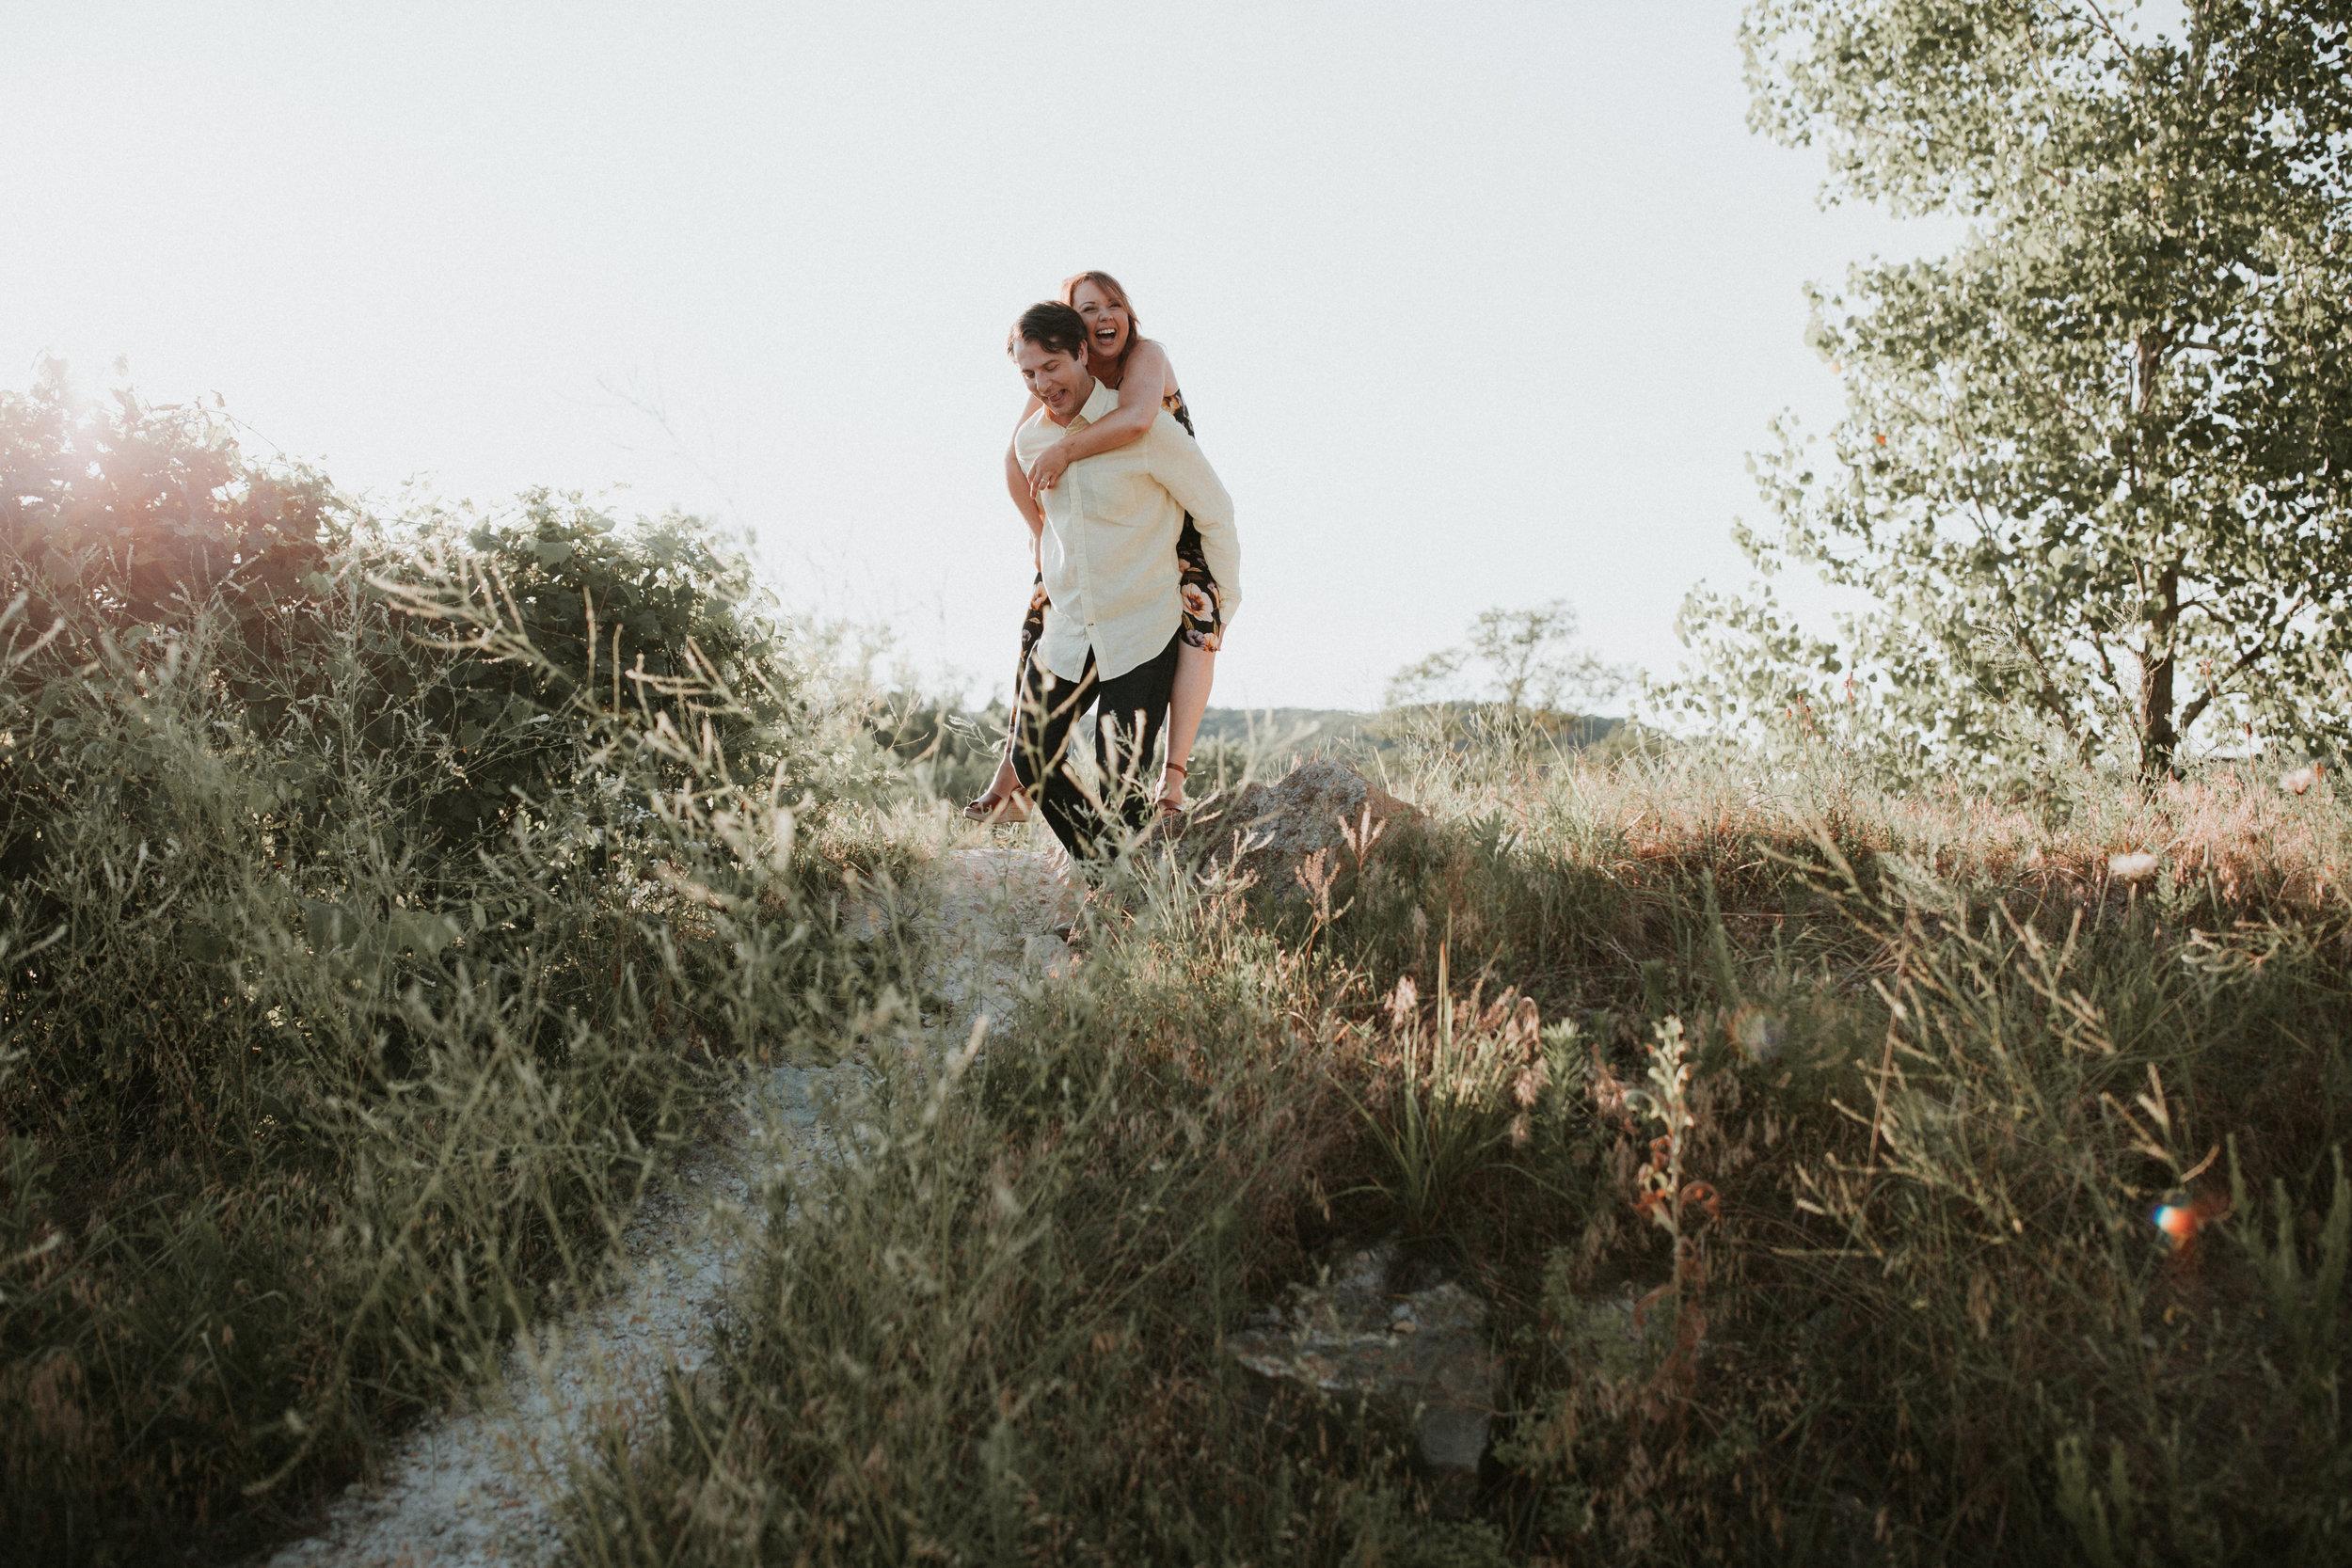 st louis engagement photographer, missouri engagement photographer, klondike park engagement photos, missouri couples photographer, engagement photo ideas, st louis couples photographer, klondike park